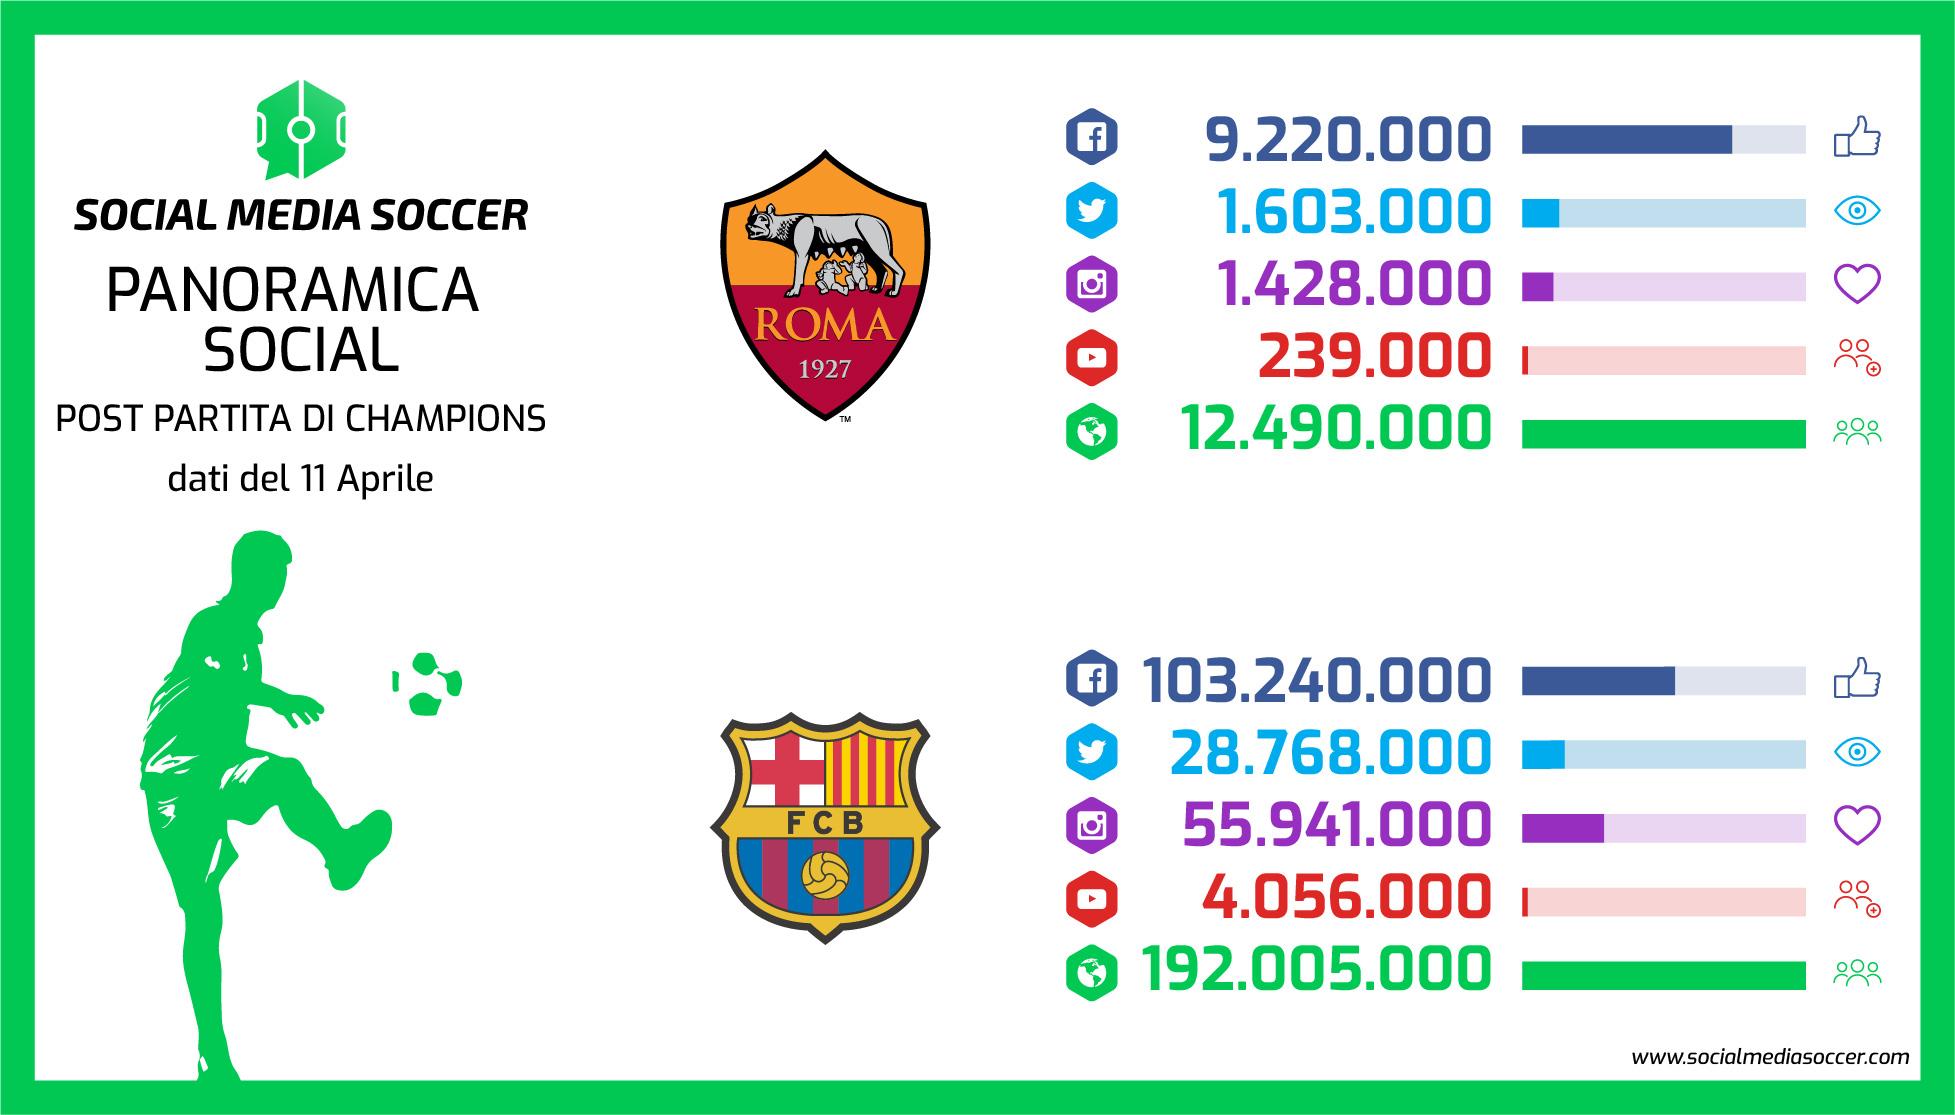 Social Ritorno quarti Champions League 2017/2018 Roma - Barcellona